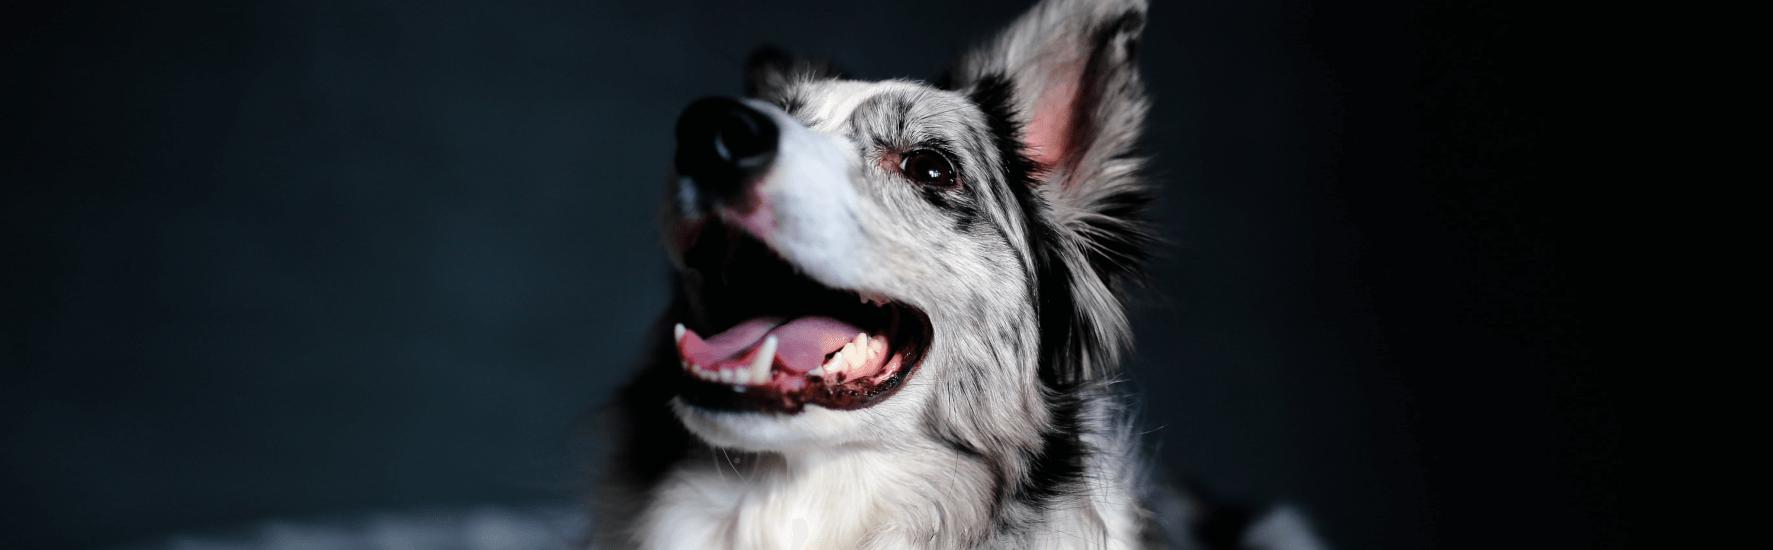 Blogas šuns burnos kvapas. Kodėl ir ką daryti